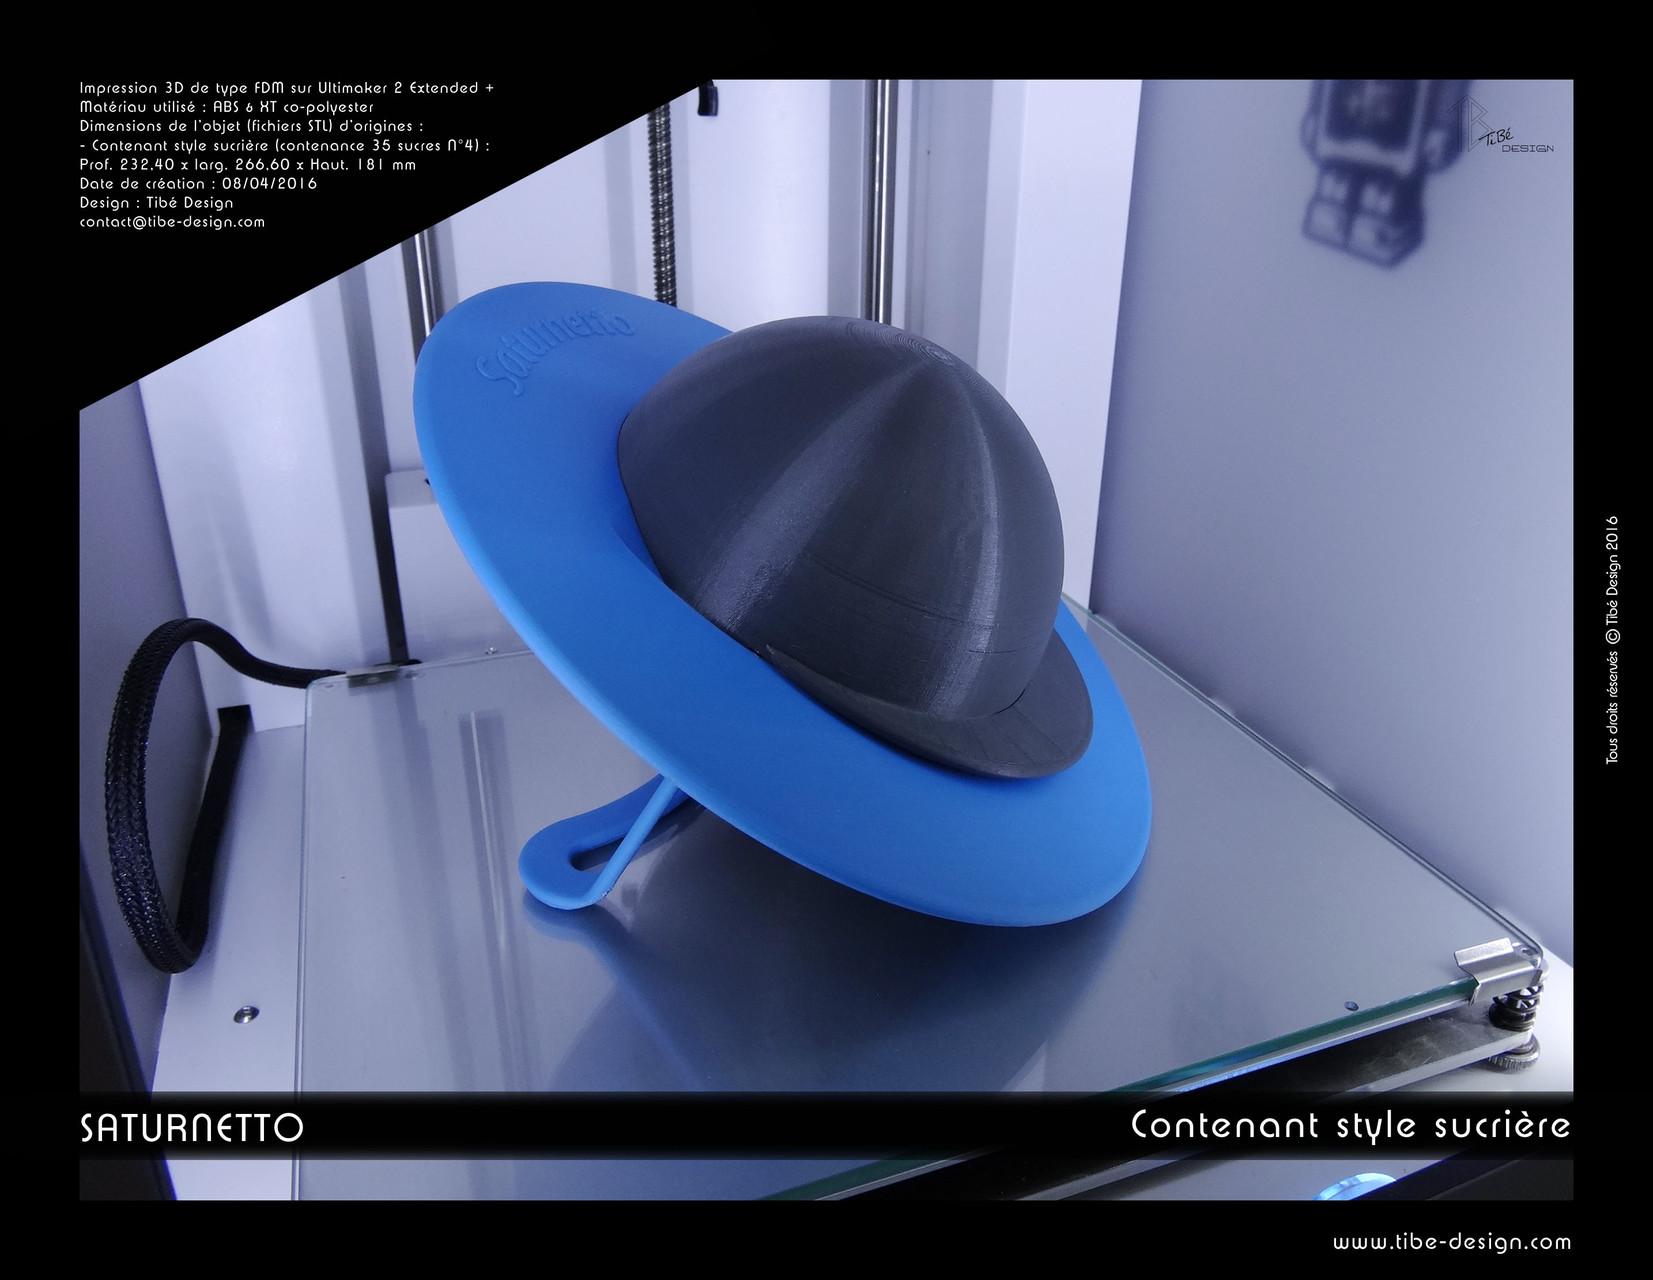 Contenant print 3D design Saturnetto (sucrière)